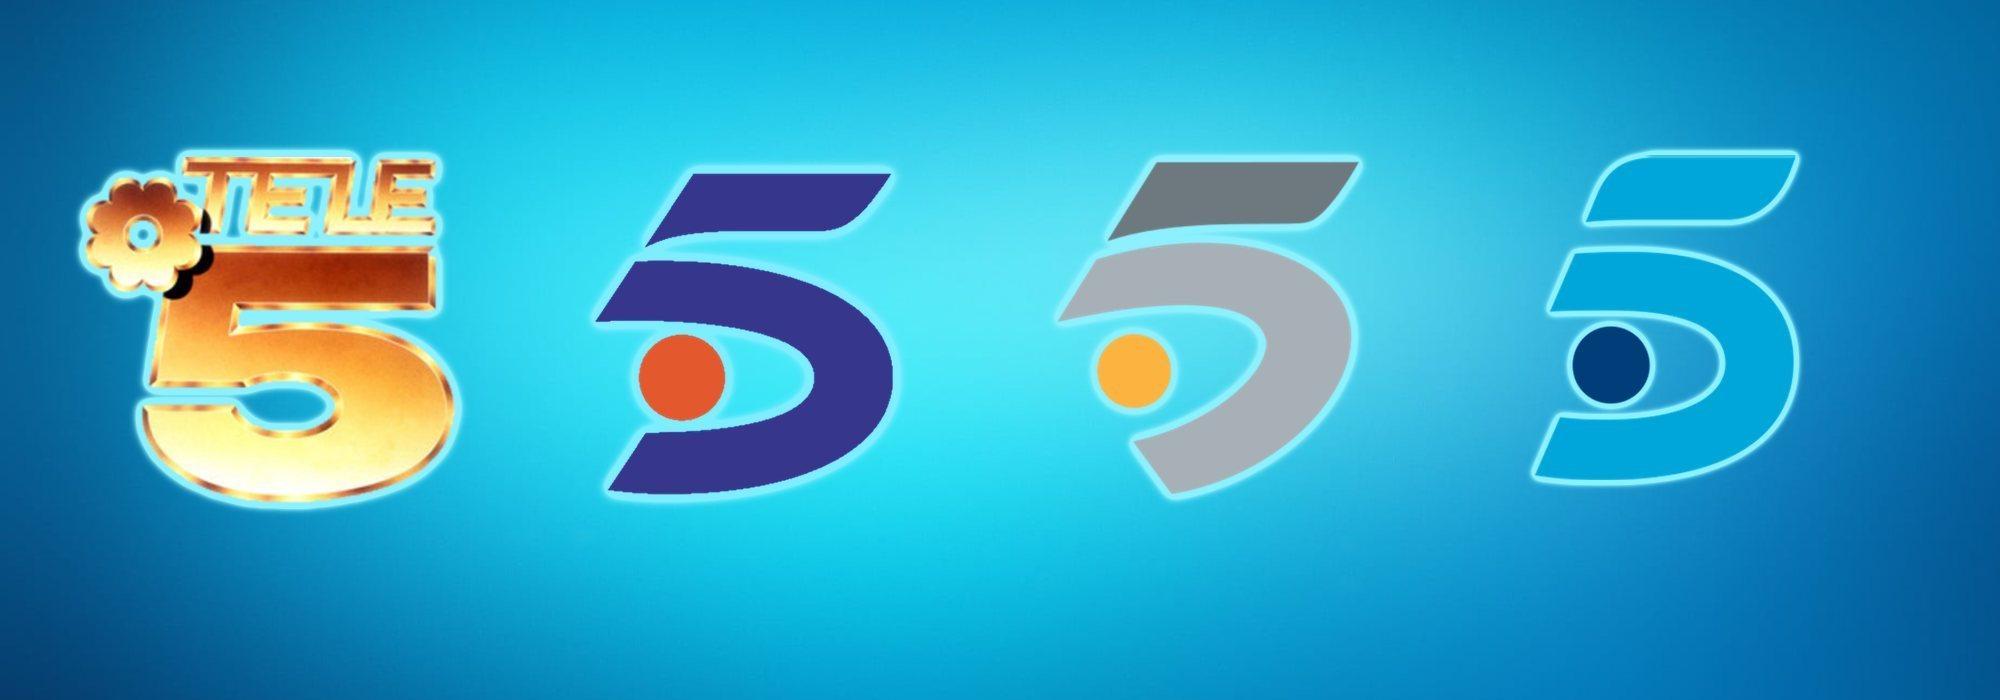 Telecinco cumple 30 años: sus logotipos nos cuentan la historia y evolución de la cadena